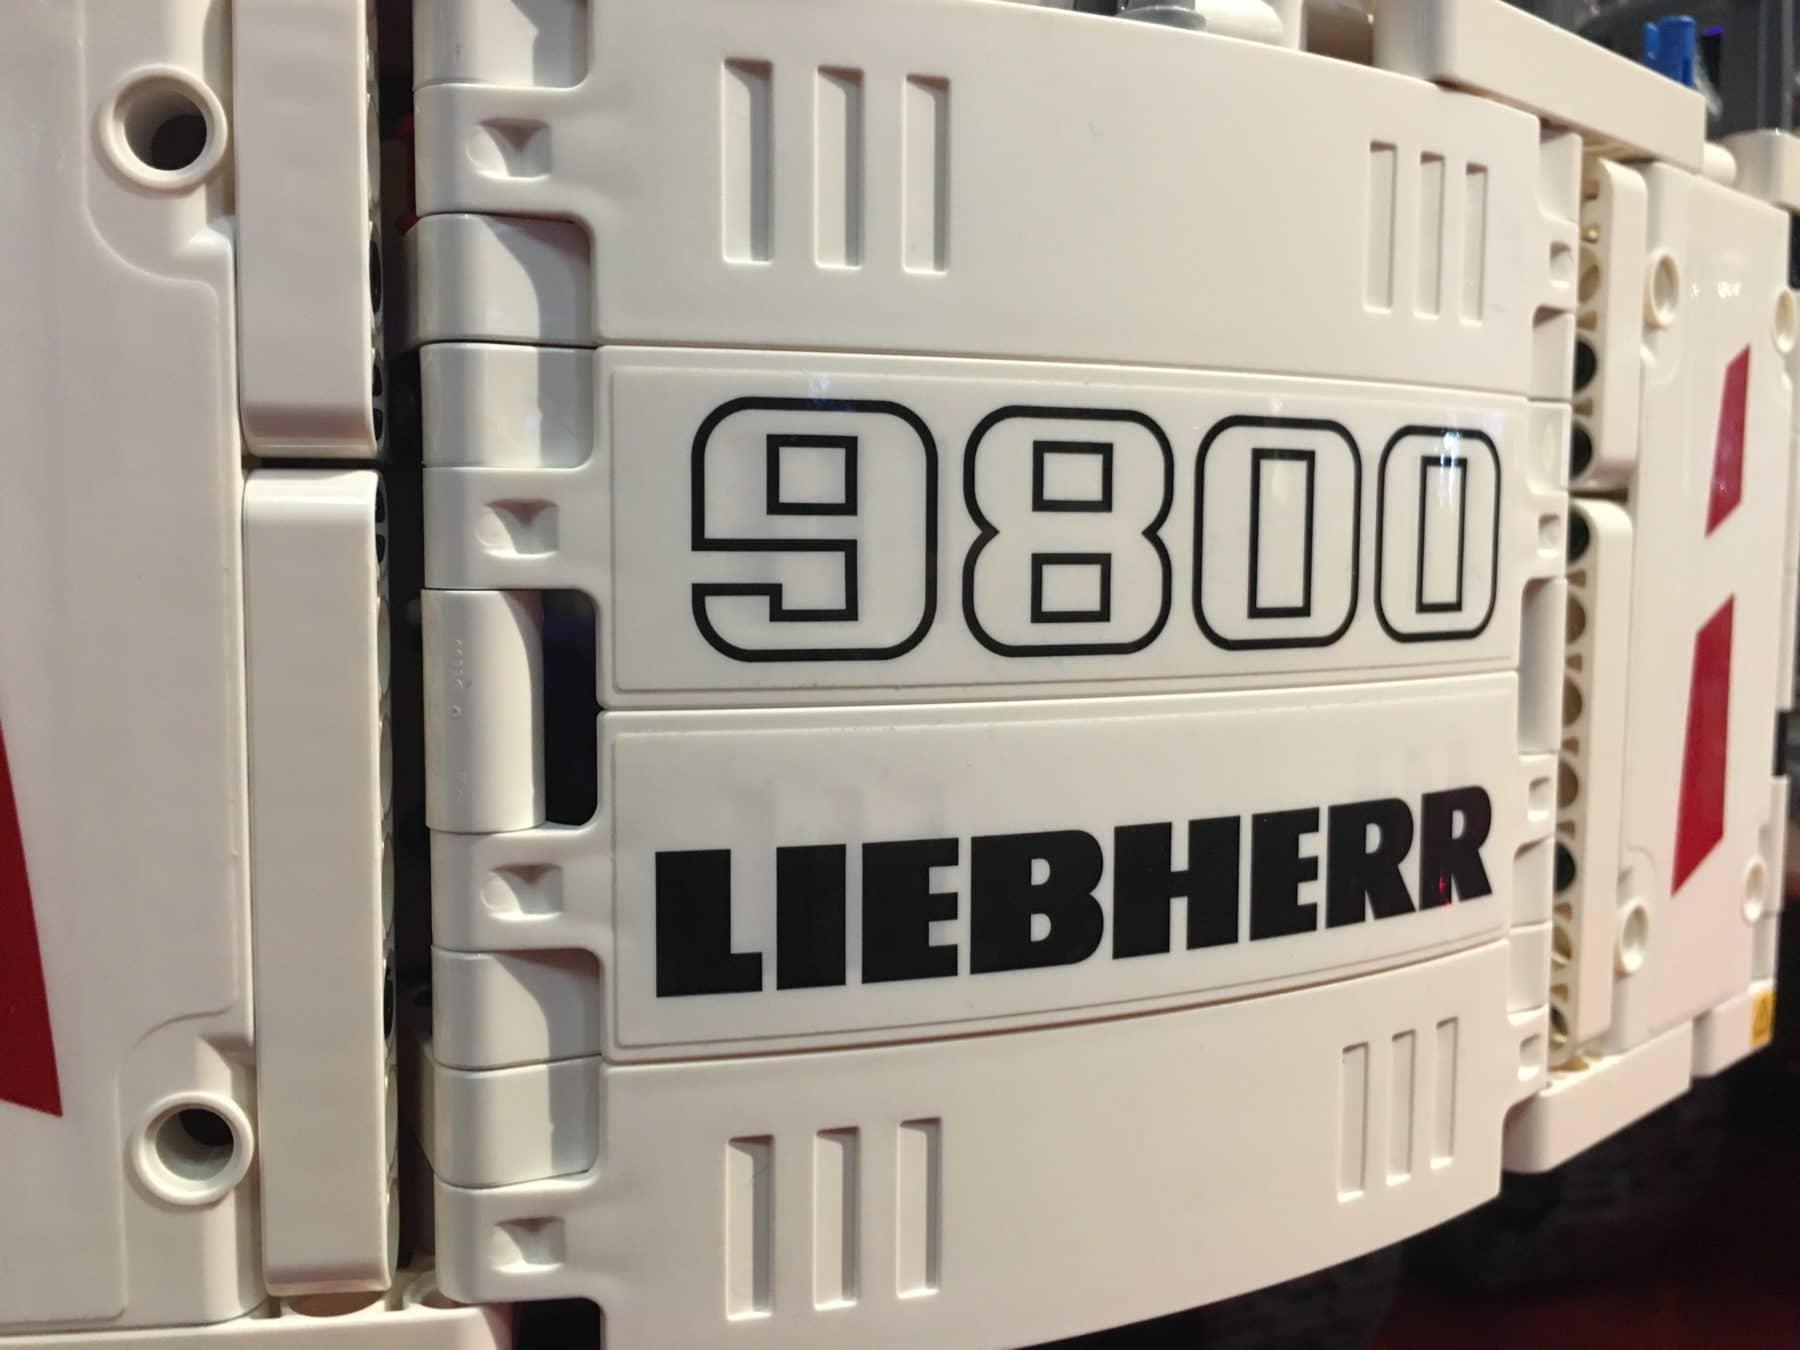 Sticker auf dem LEGO Technic 42100 Liebherr Bagger